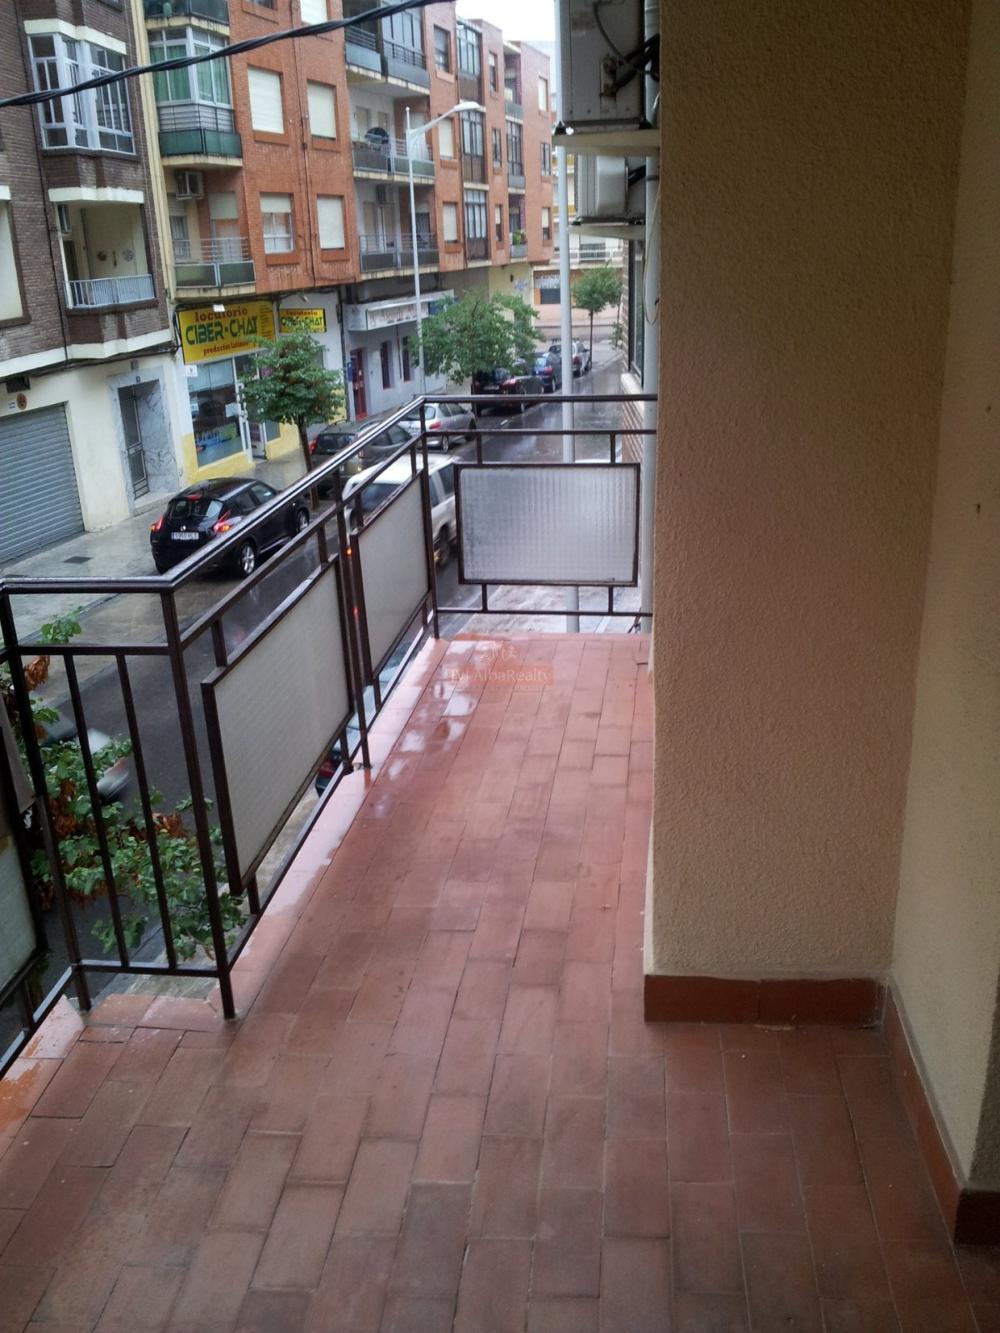 el pilar-feria albacete lägenhet foto 3063152